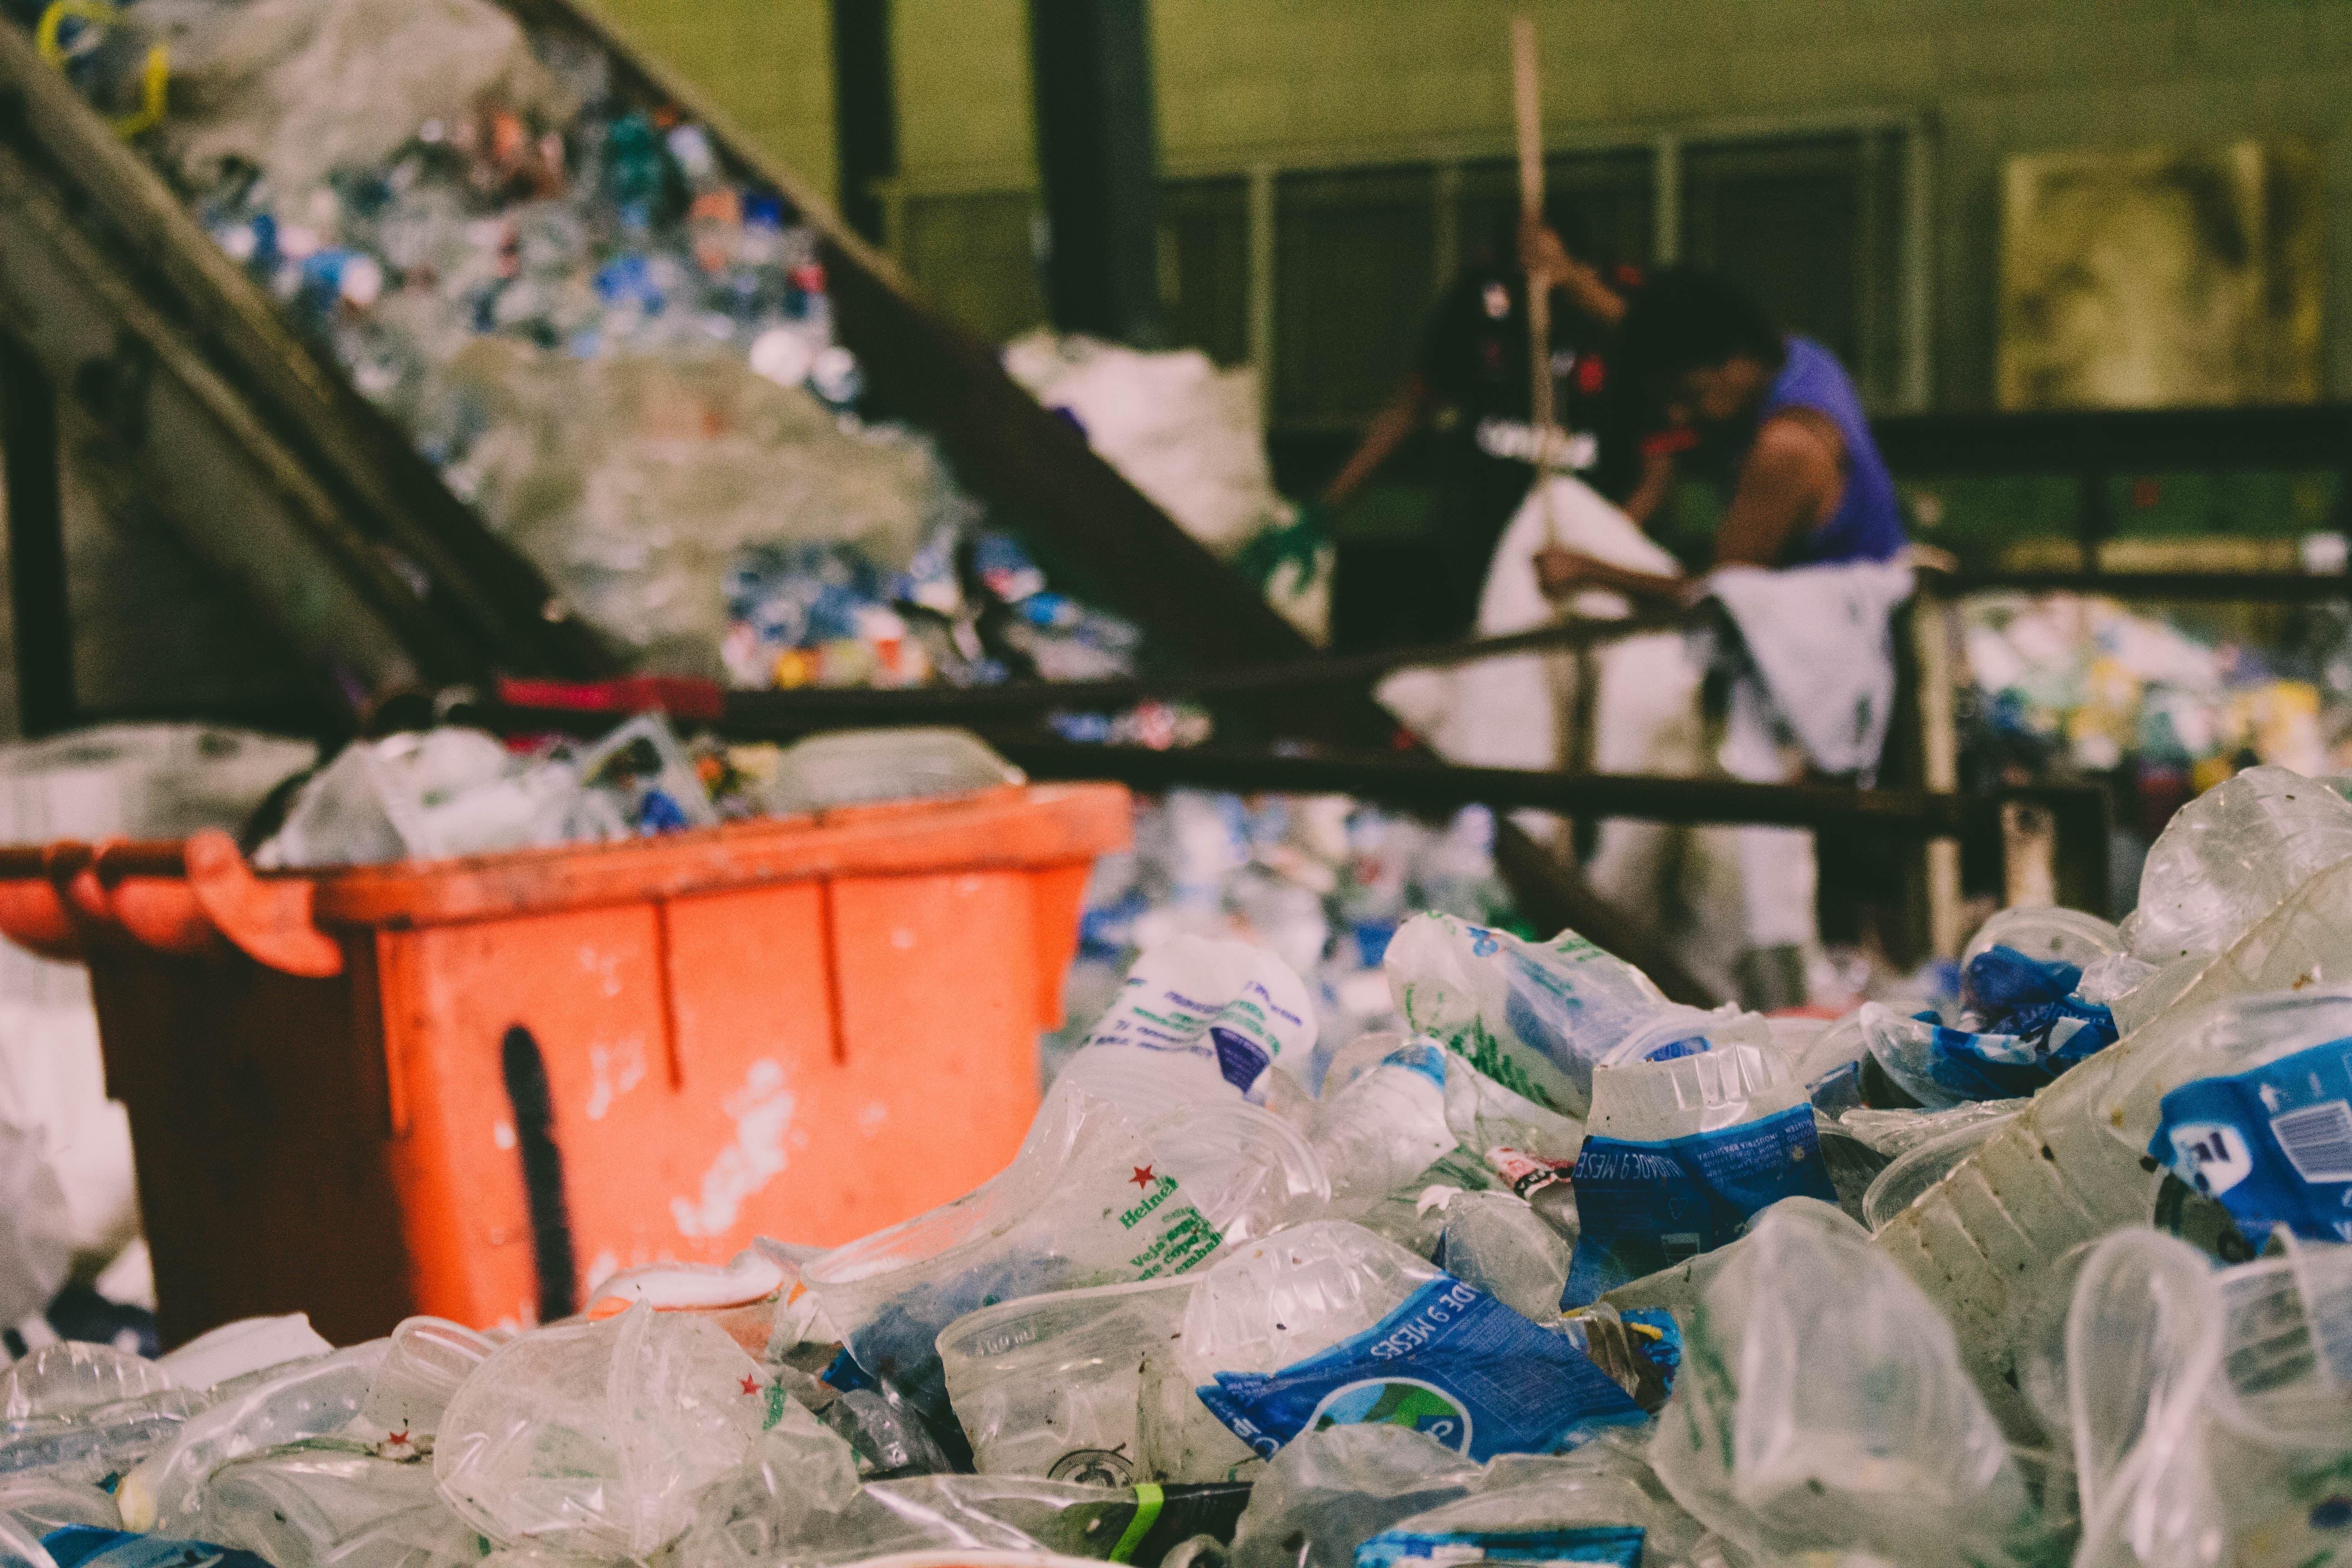 Na prática, a logística reversa se caracteriza pela coleta e reciclagem de produtos e seus resíduos após seu consumo